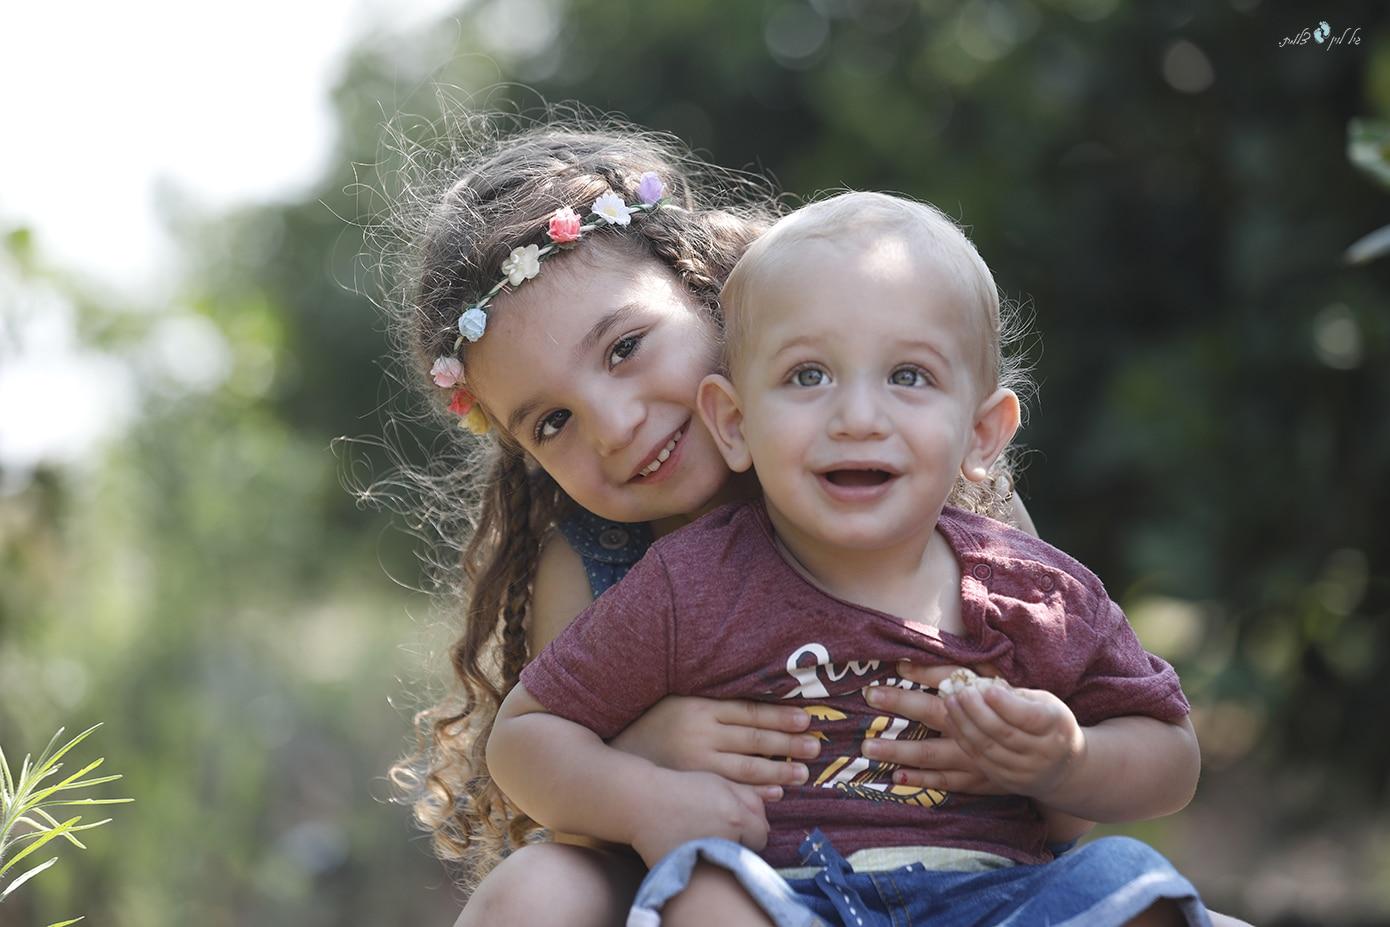 משפחת דותן - לקוחות מספרים סטודיו גיל לוין (1)